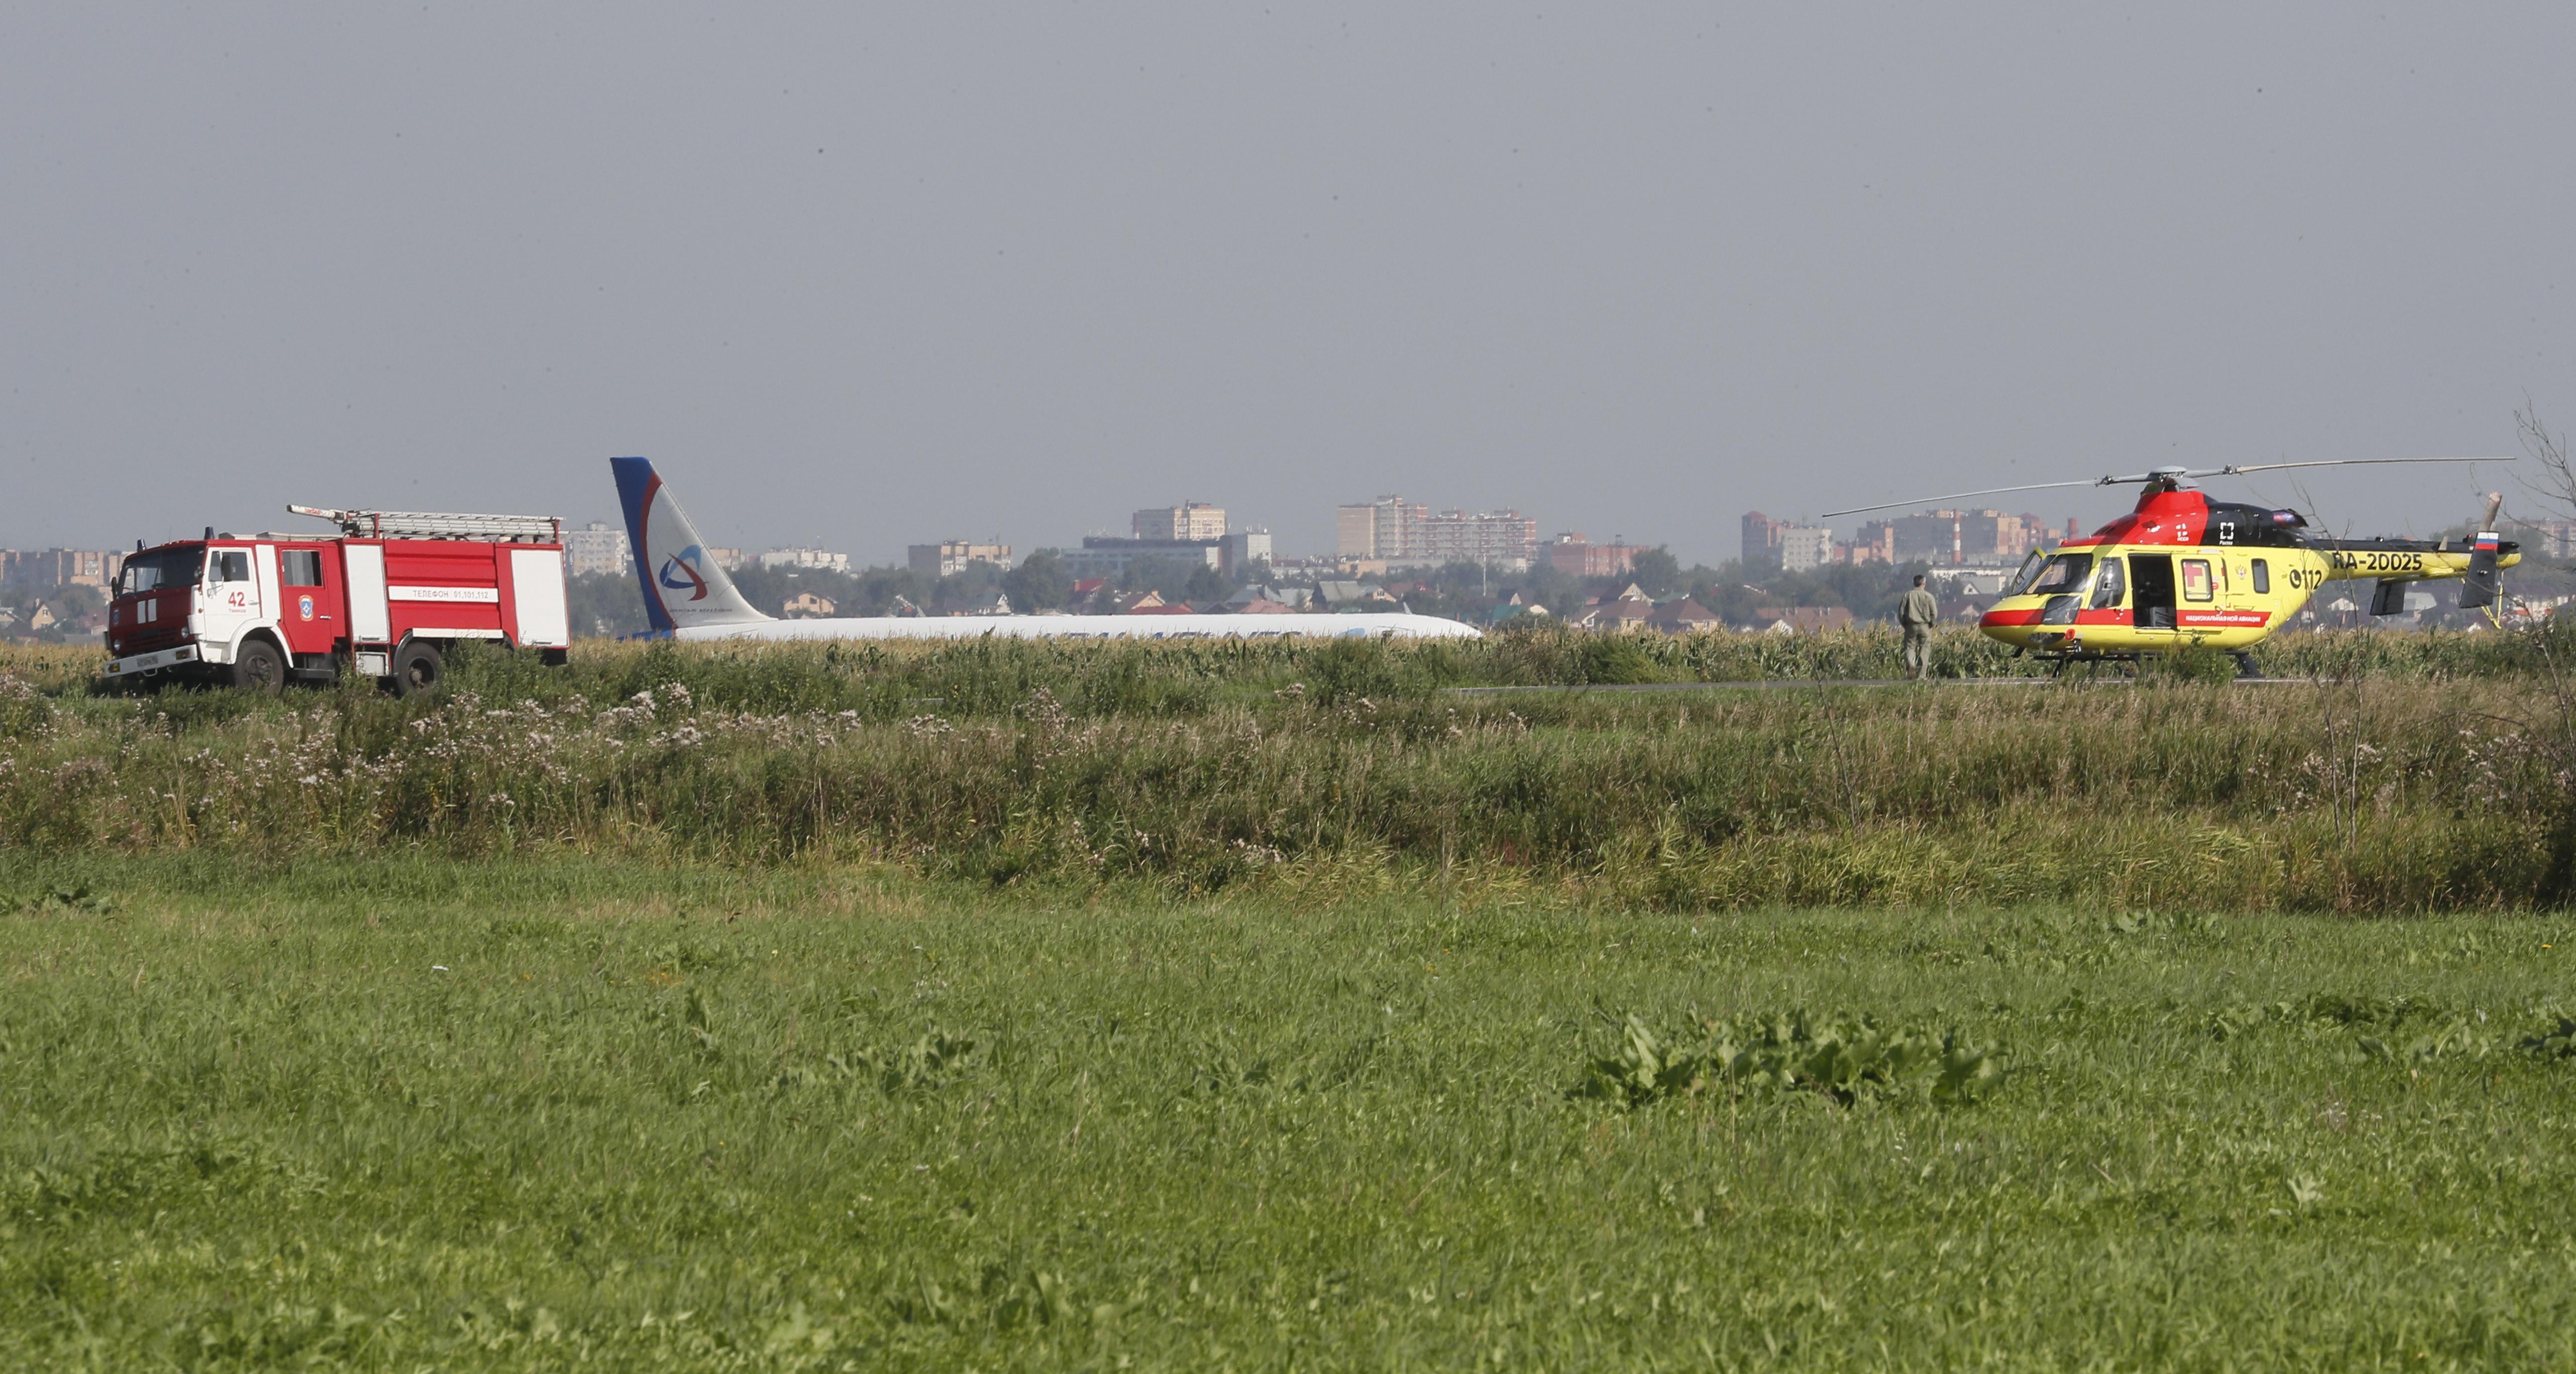 Двигателите на самолета започнали да отказват във въздуха поради сблъсък с птиче ято. От 226 пътници и седемчленен екипаж, 10 души са пострадали, сред тях и 3 деца.